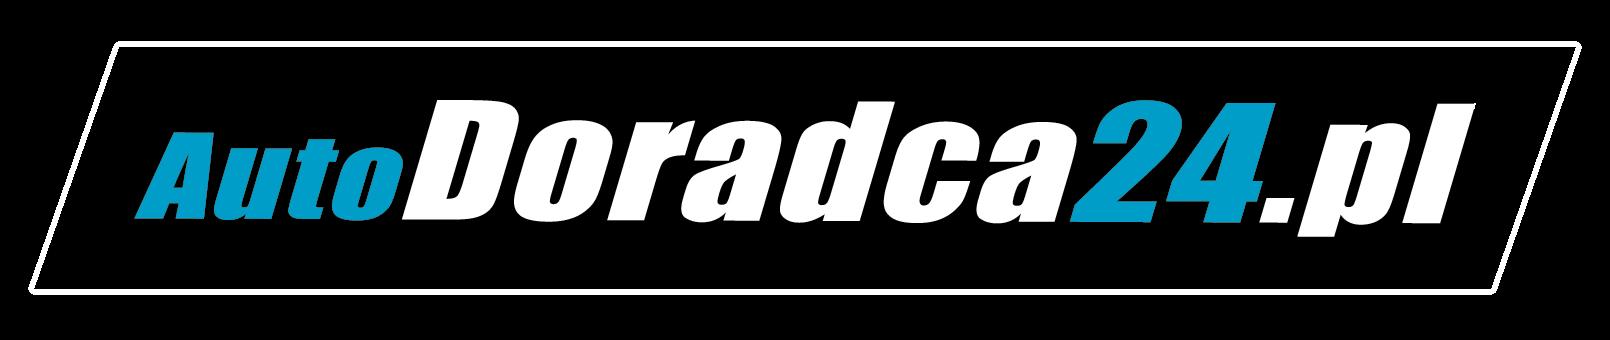 AutoDoradca24.pl